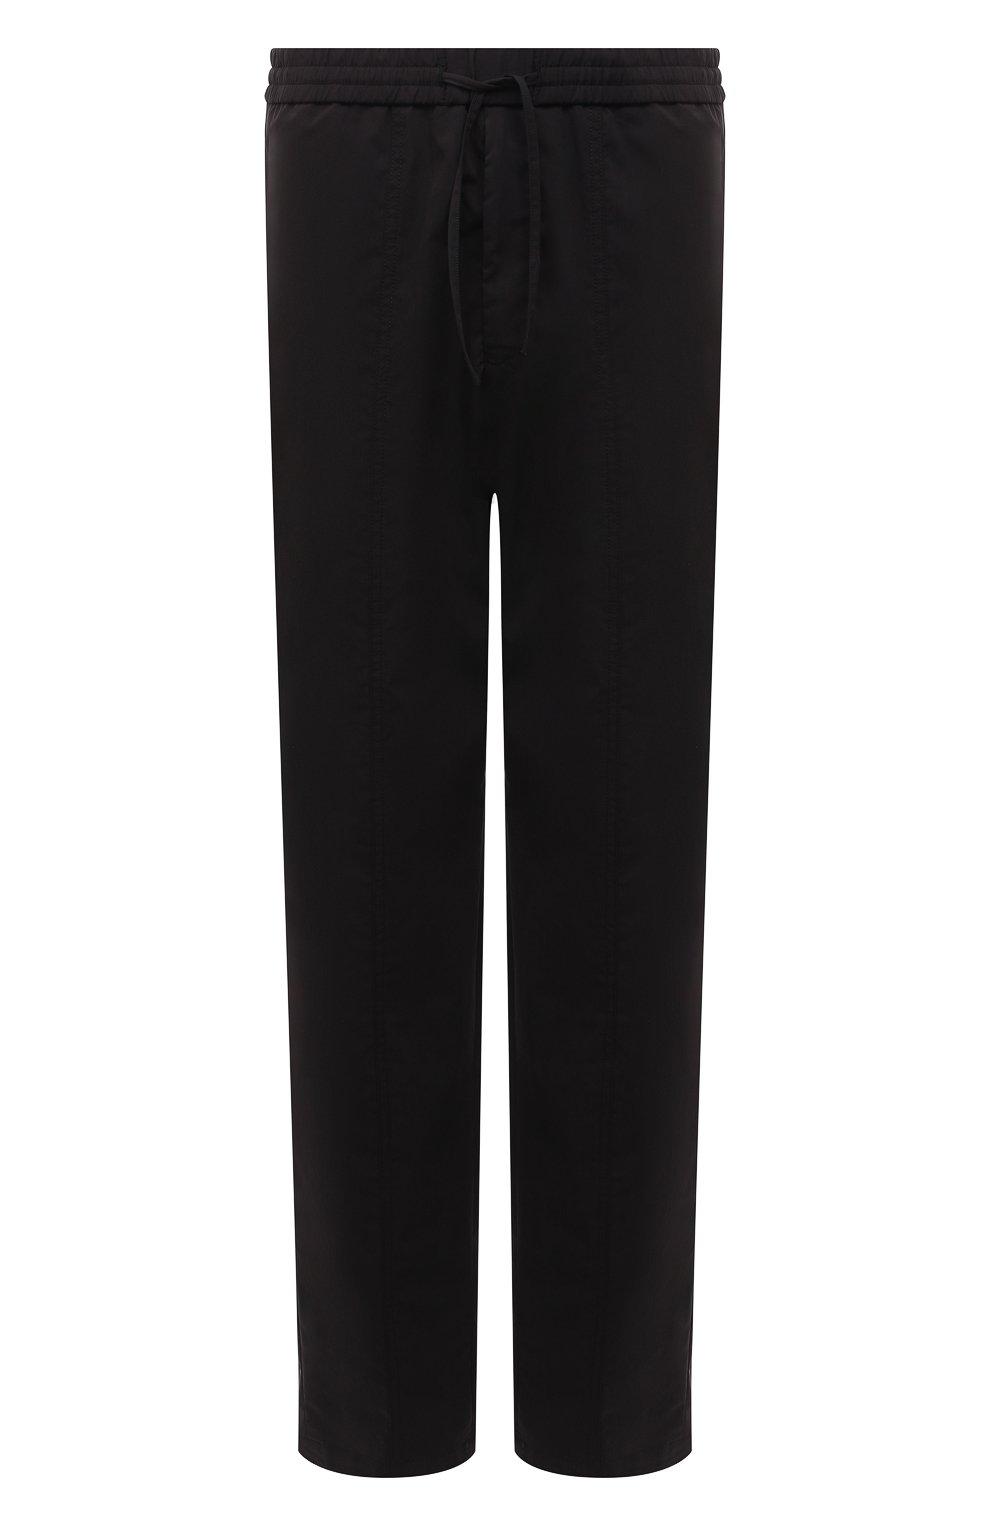 Мужские брюки EMPORIO ARMANI черного цвета, арт. A1P740/A1066   Фото 1 (Длина (брюки, джинсы): Стандартные; Случай: Повседневный; Материал внешний: Синтетический материал, Хлопок; Стили: Кэжуэл)